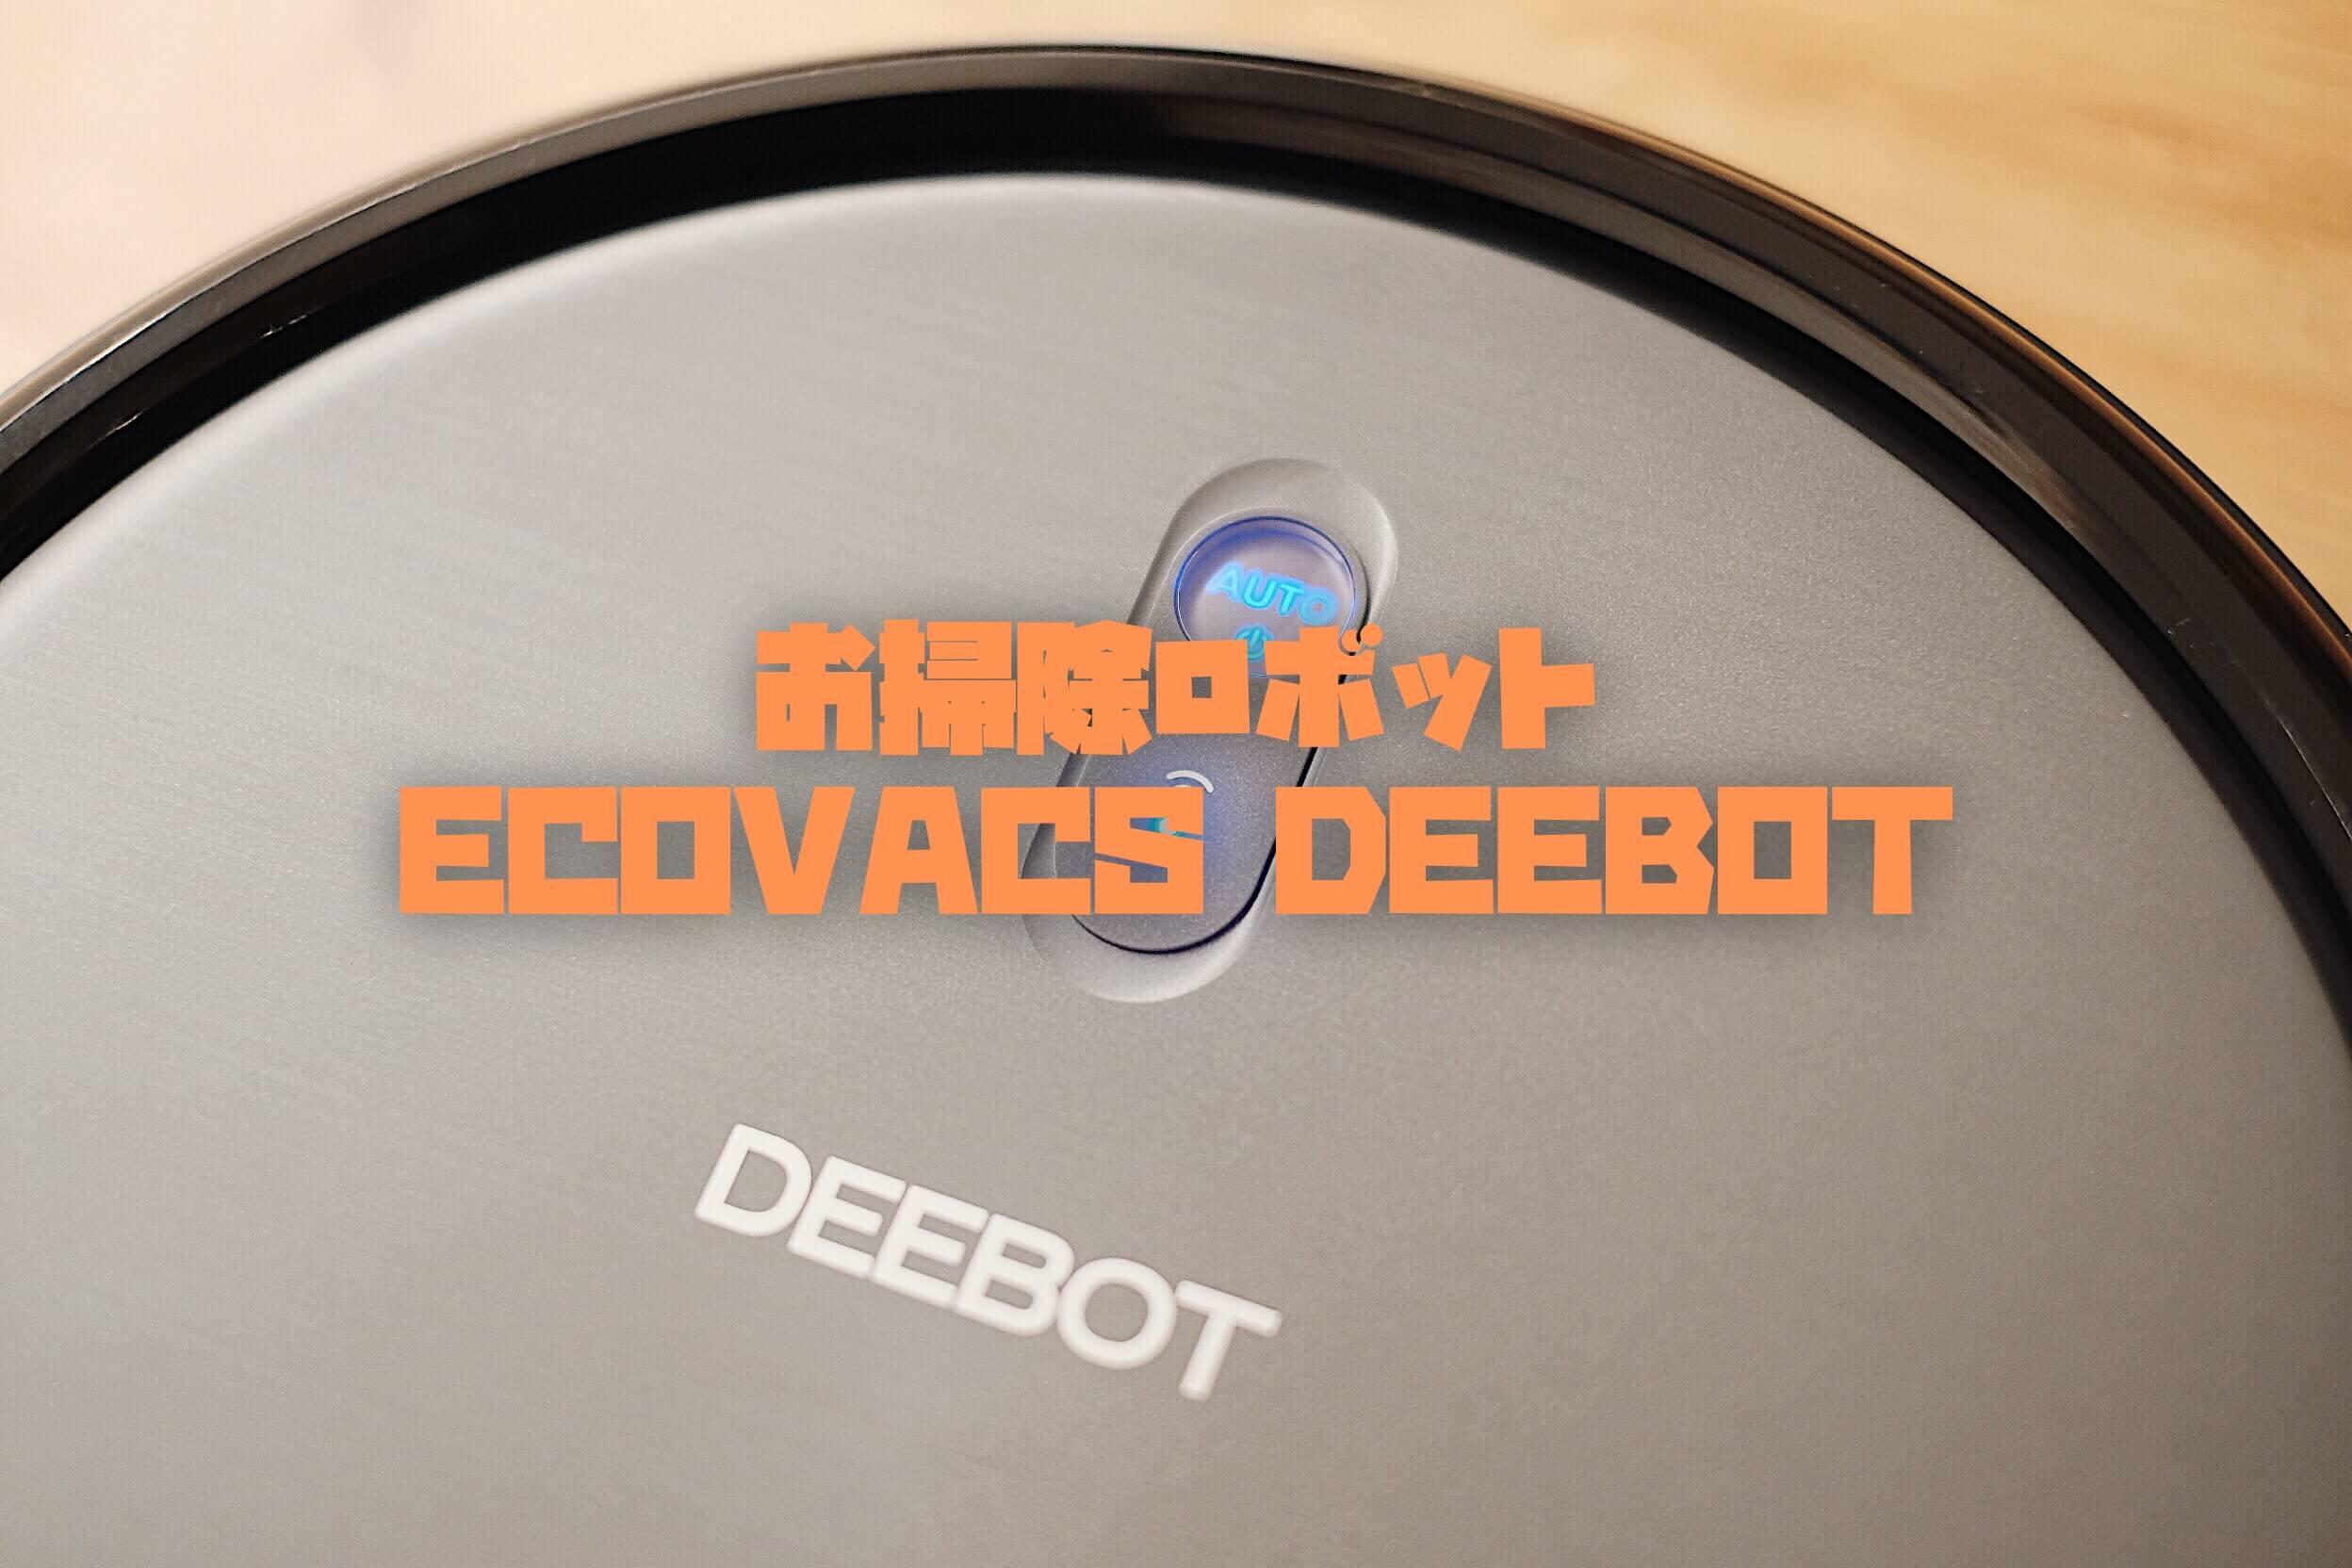 【レビュー】20000円くらいで買えるルンバみたいな安いお掃除ロボットDEEBOT